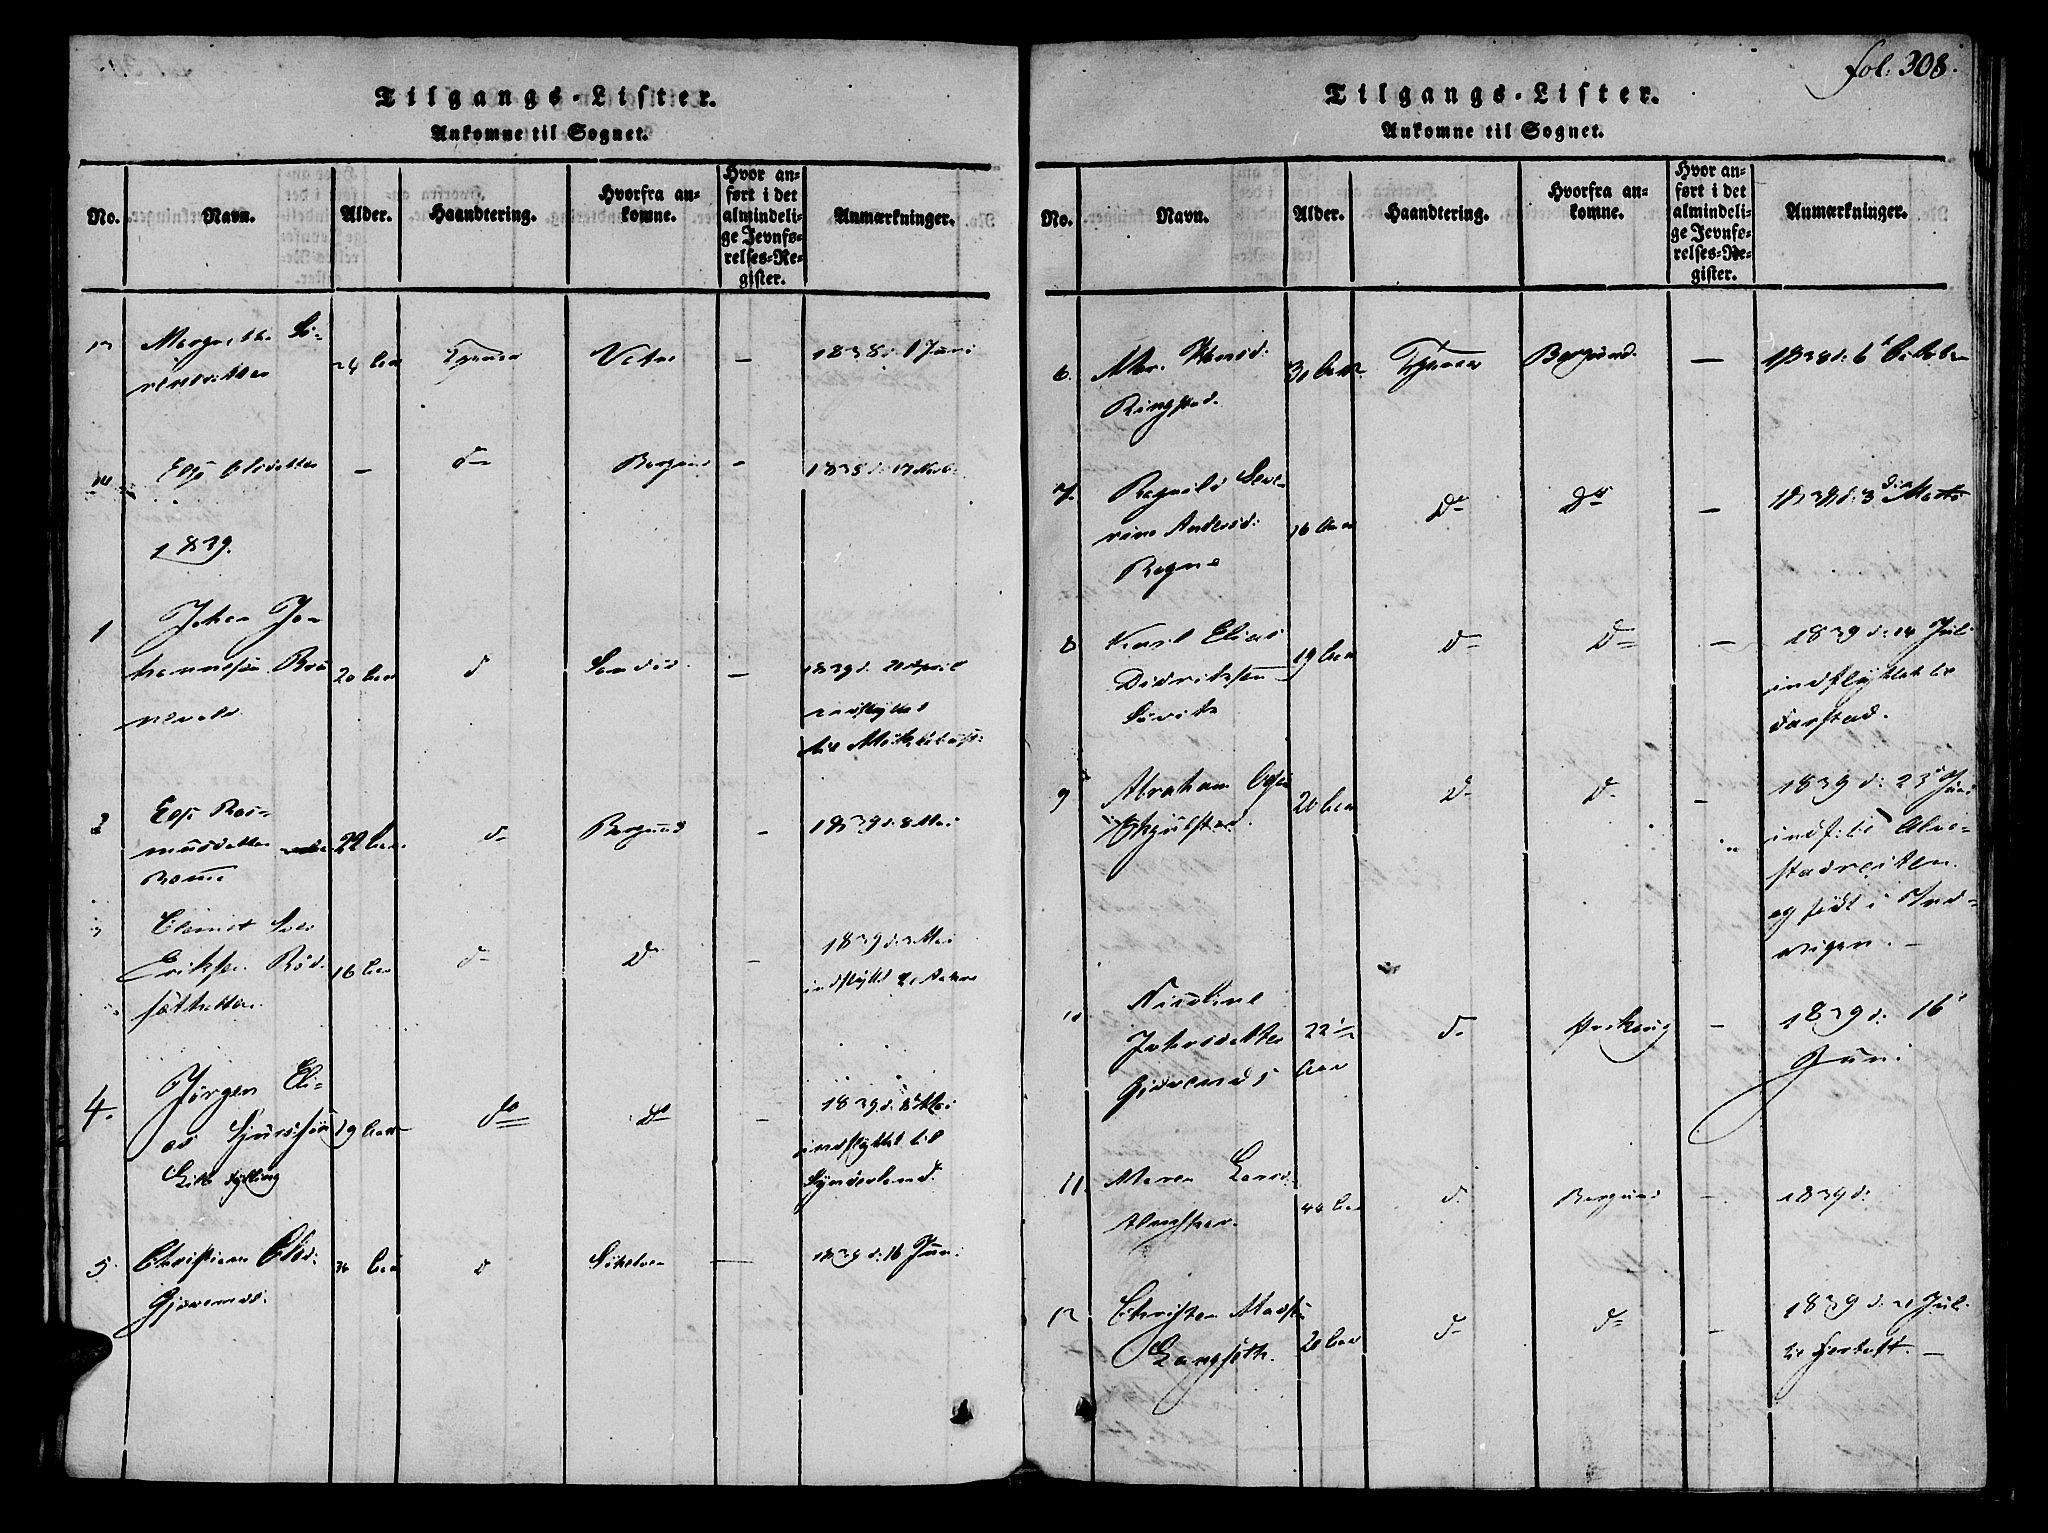 SAT, Ministerialprotokoller, klokkerbøker og fødselsregistre - Møre og Romsdal, 536/L0495: Ministerialbok nr. 536A04, 1818-1847, s. 308